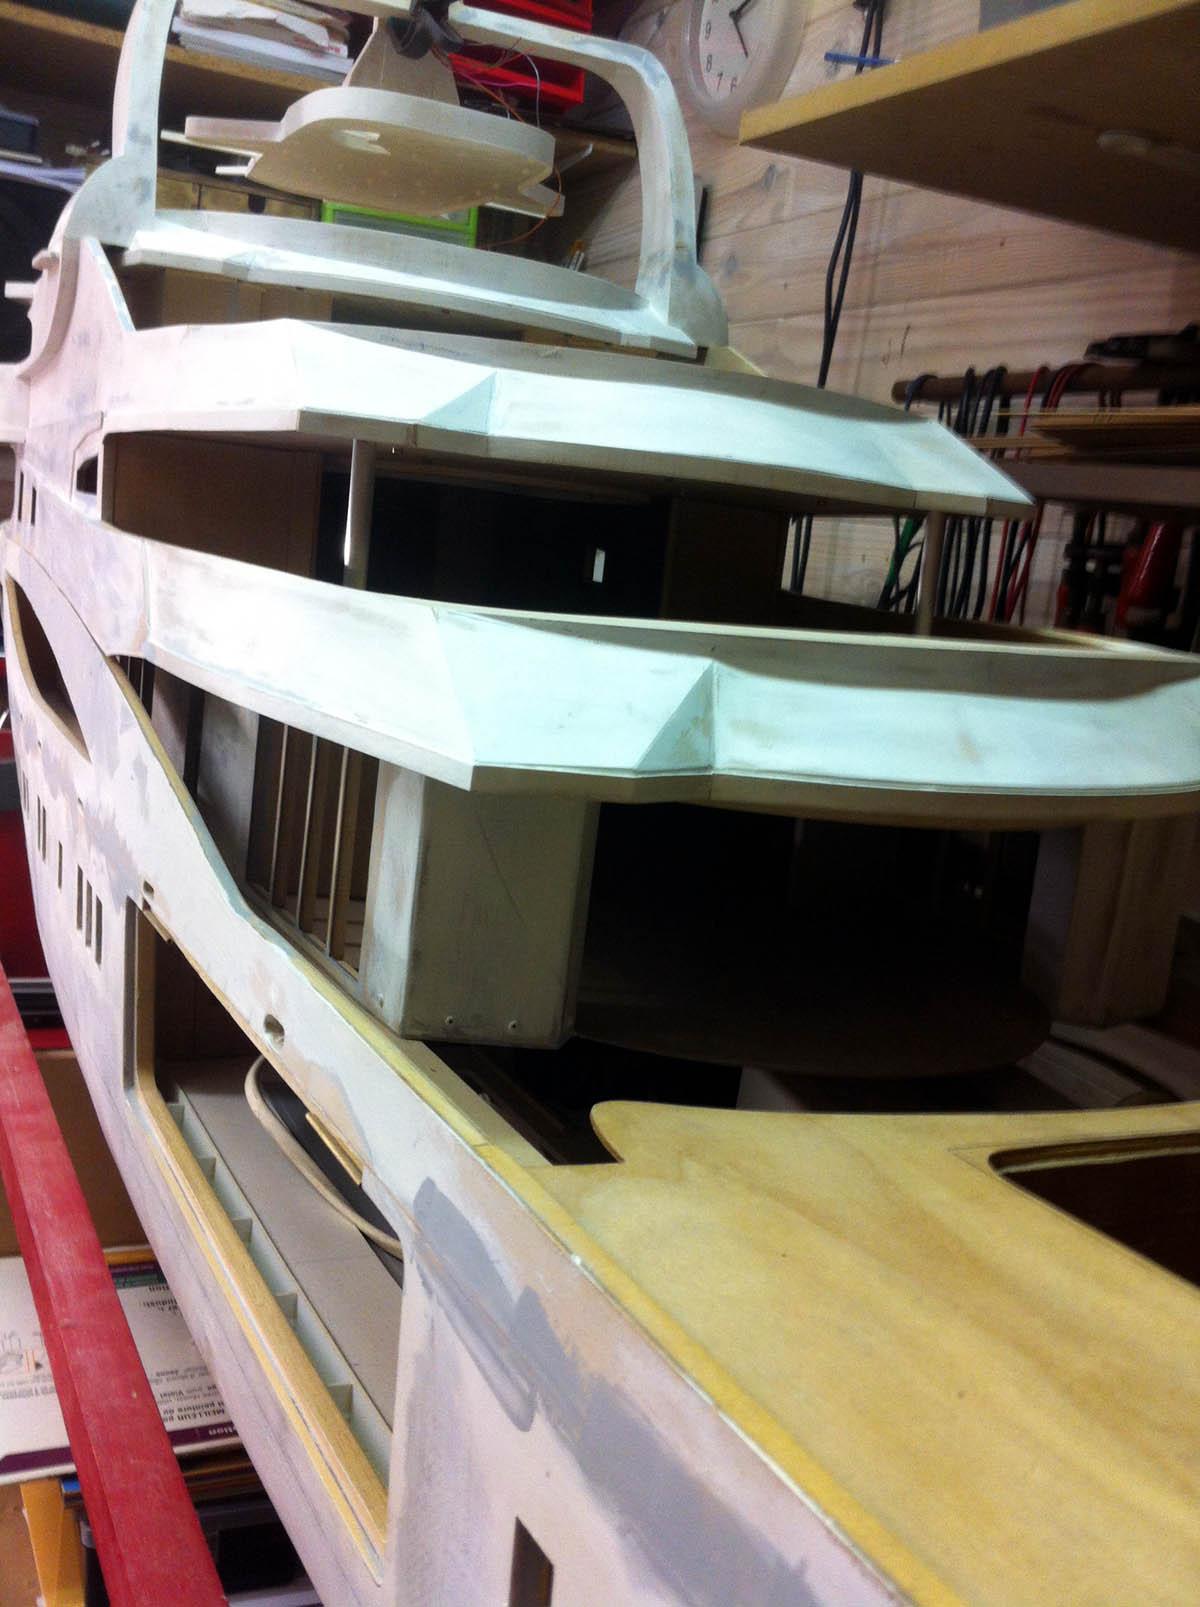 Une nouvelle idée super yacht 70 m le WM70 - Page 20 1701070255345350414755319